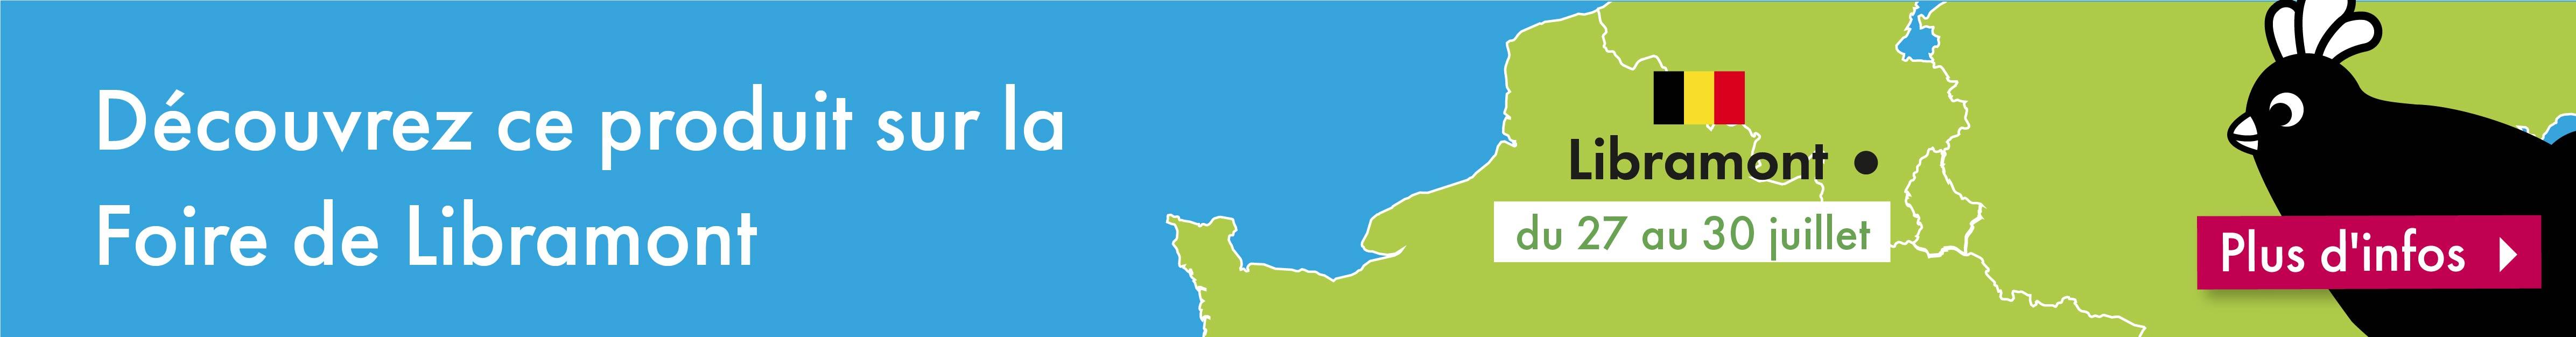 Découvrez les produits Omlet sur la Foire de Libramont (Belgique) du 27 au 30 juillet